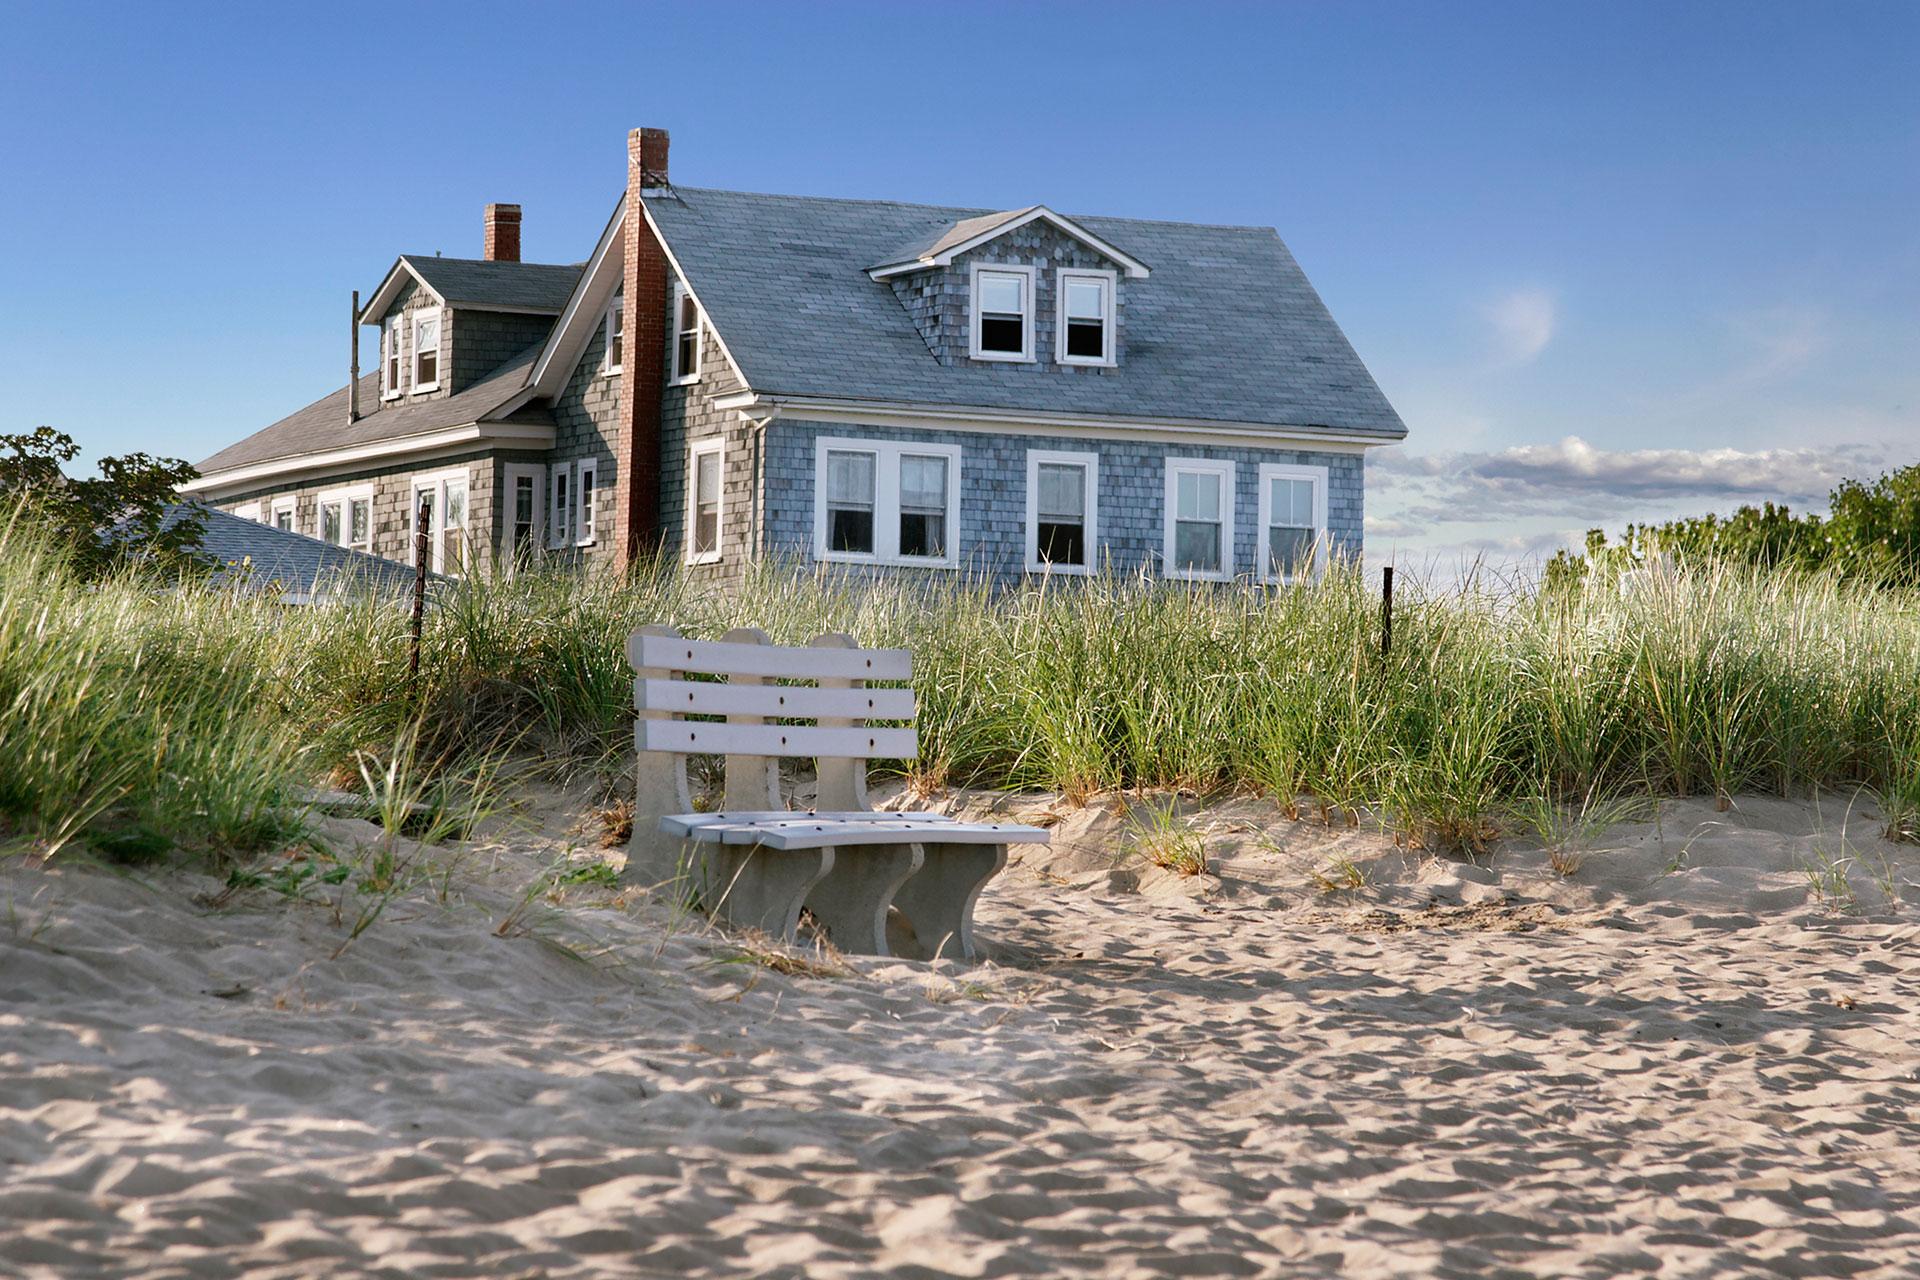 Unnamed Beach House